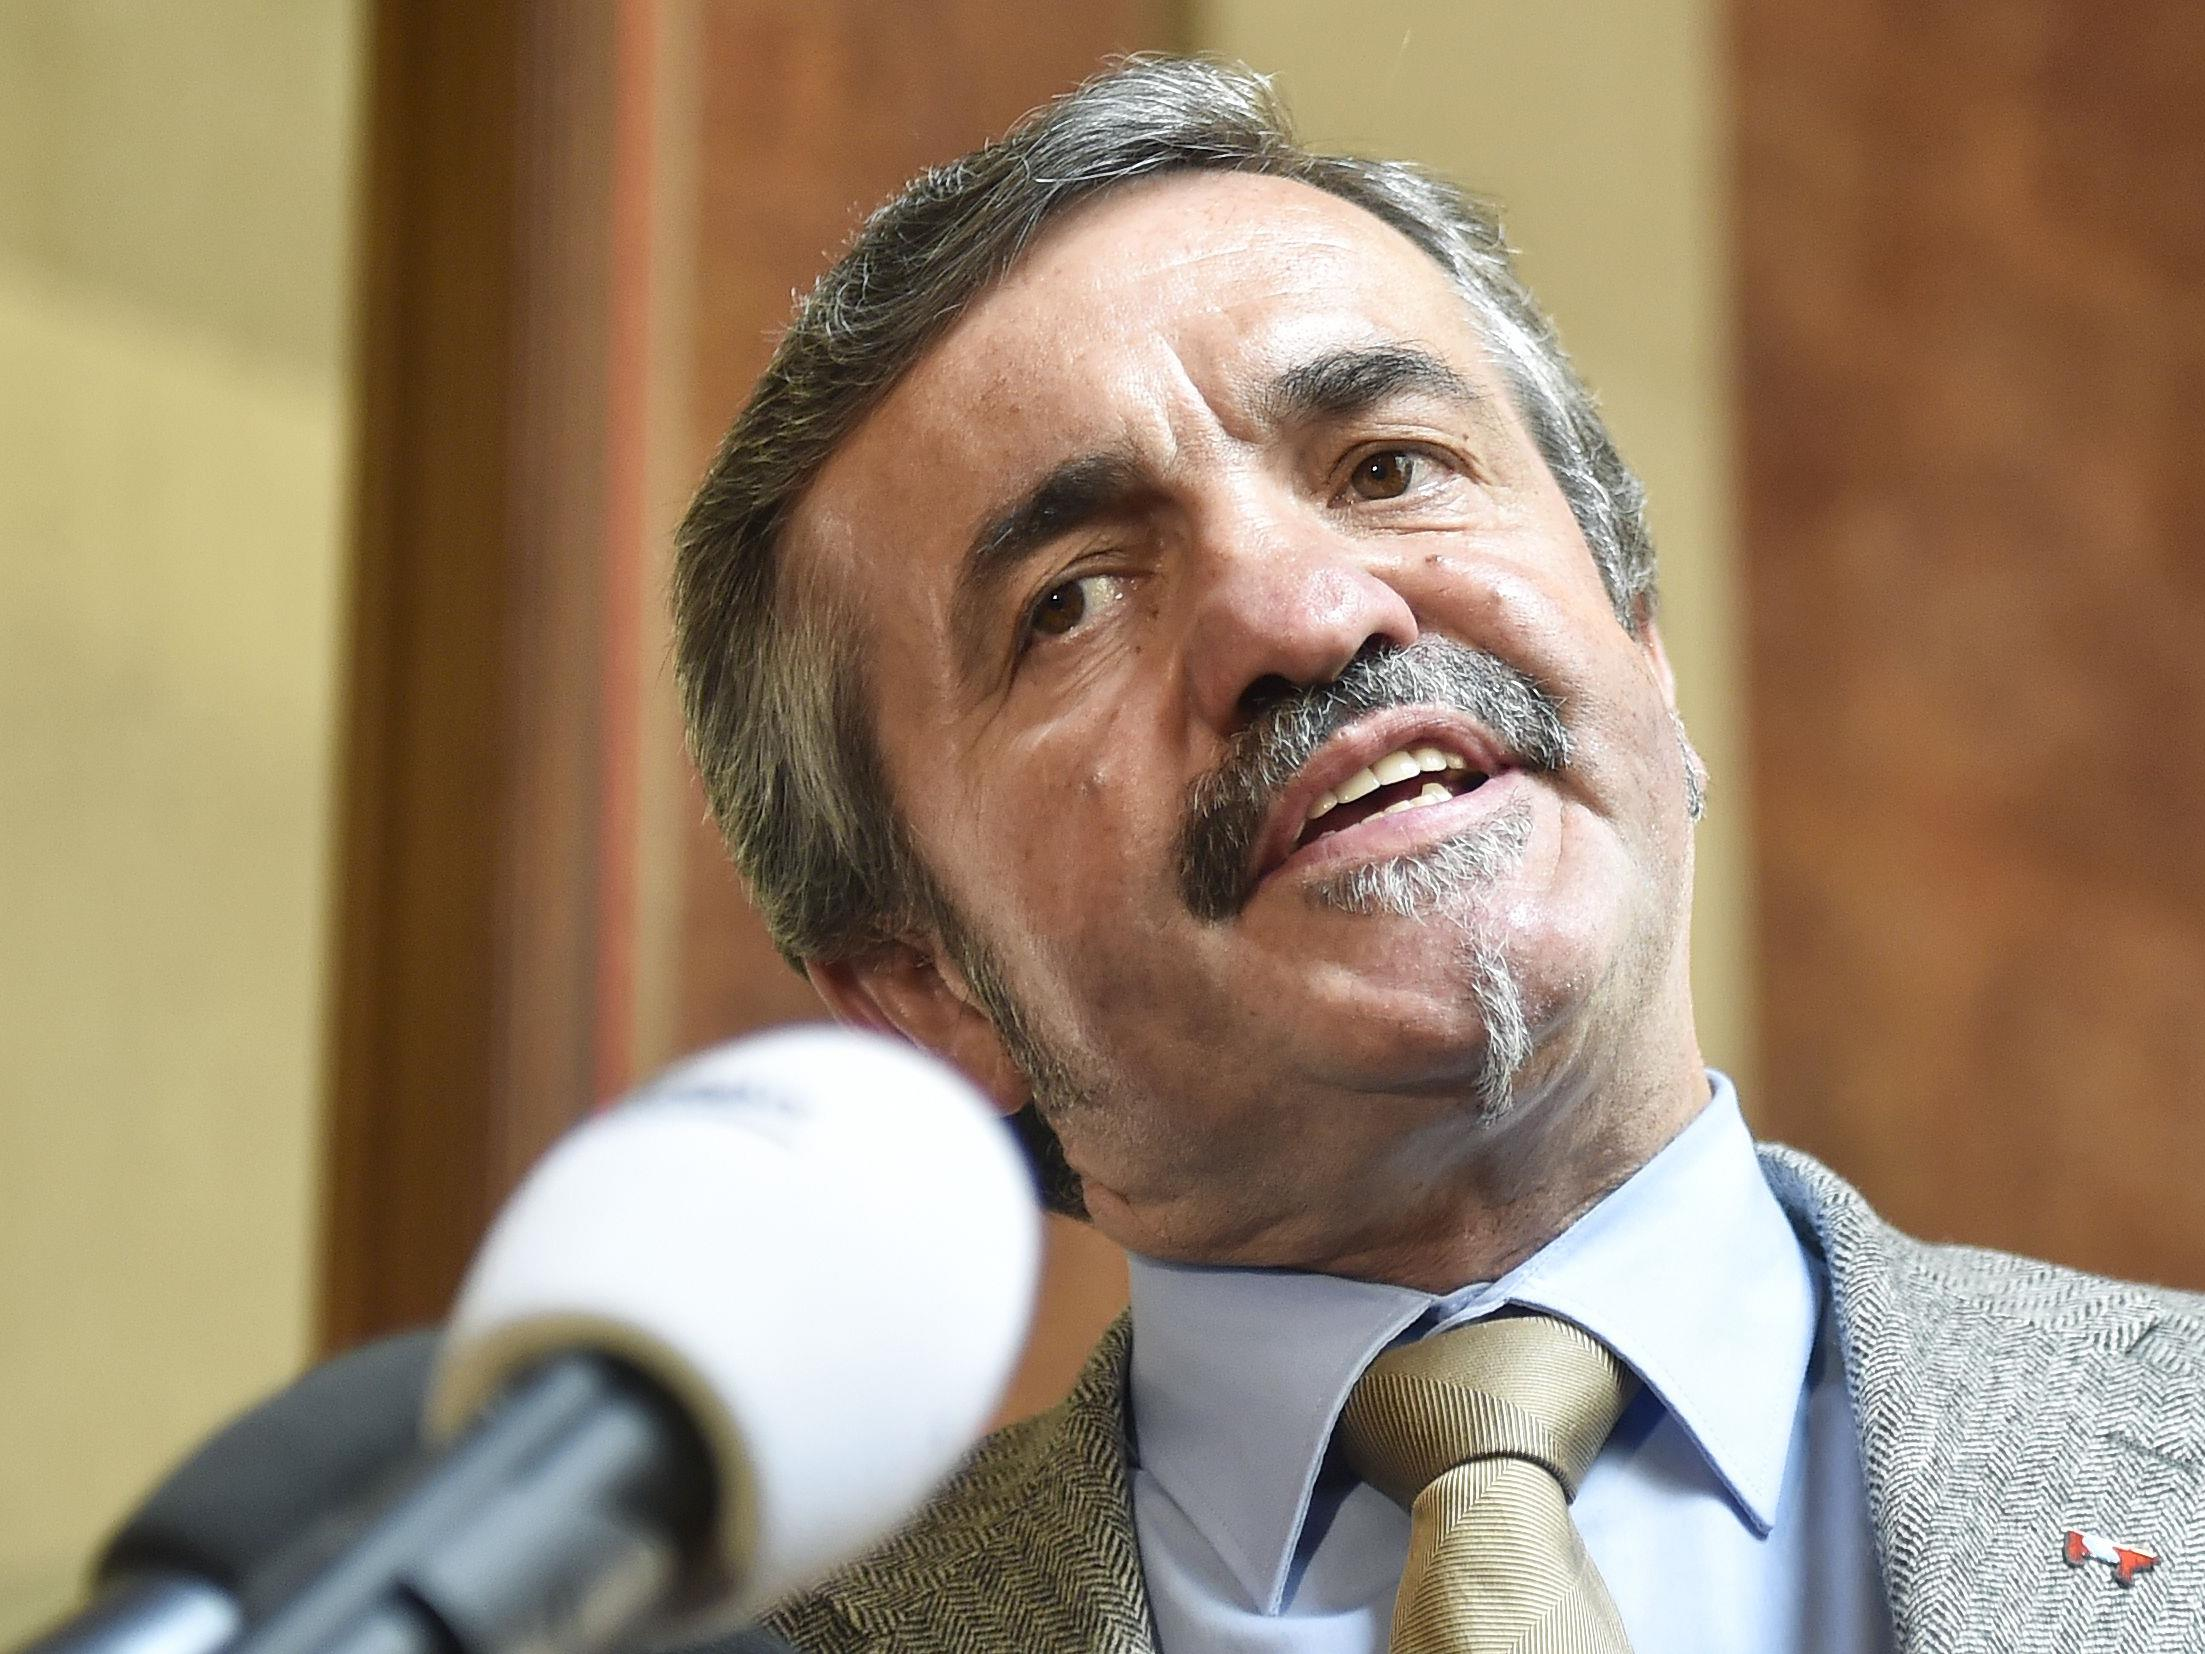 Der wilde Abgeordnete Leopold Steinbichler möchte das Team Stronach wiederbeleben.